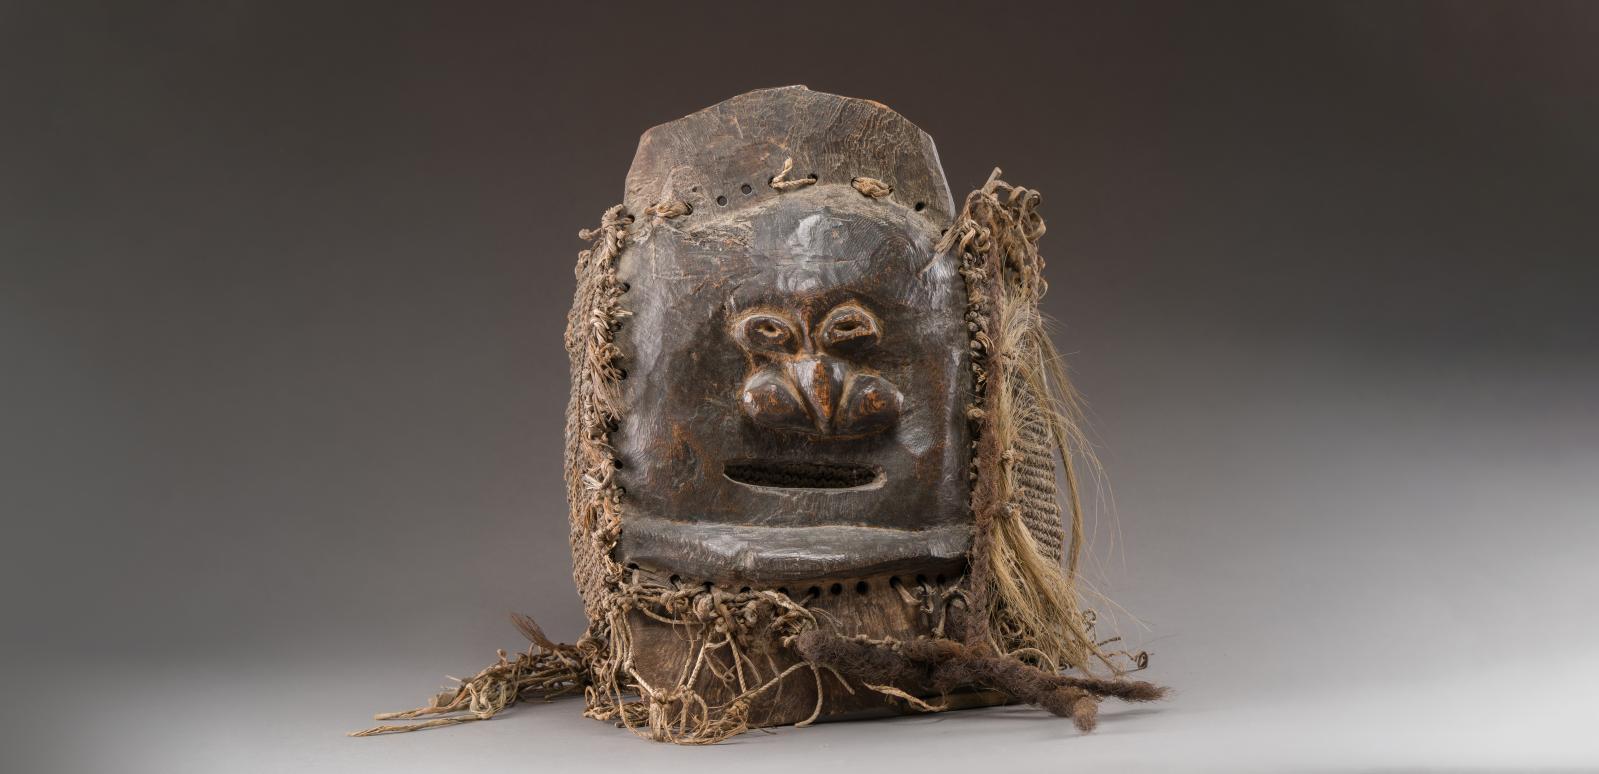 Mélanésie, Nouvelle-Calédonie, style du sud, peuple Kanak, XIXesiècle. Masque,élément d'un costume de deuilleur représentant un visage h